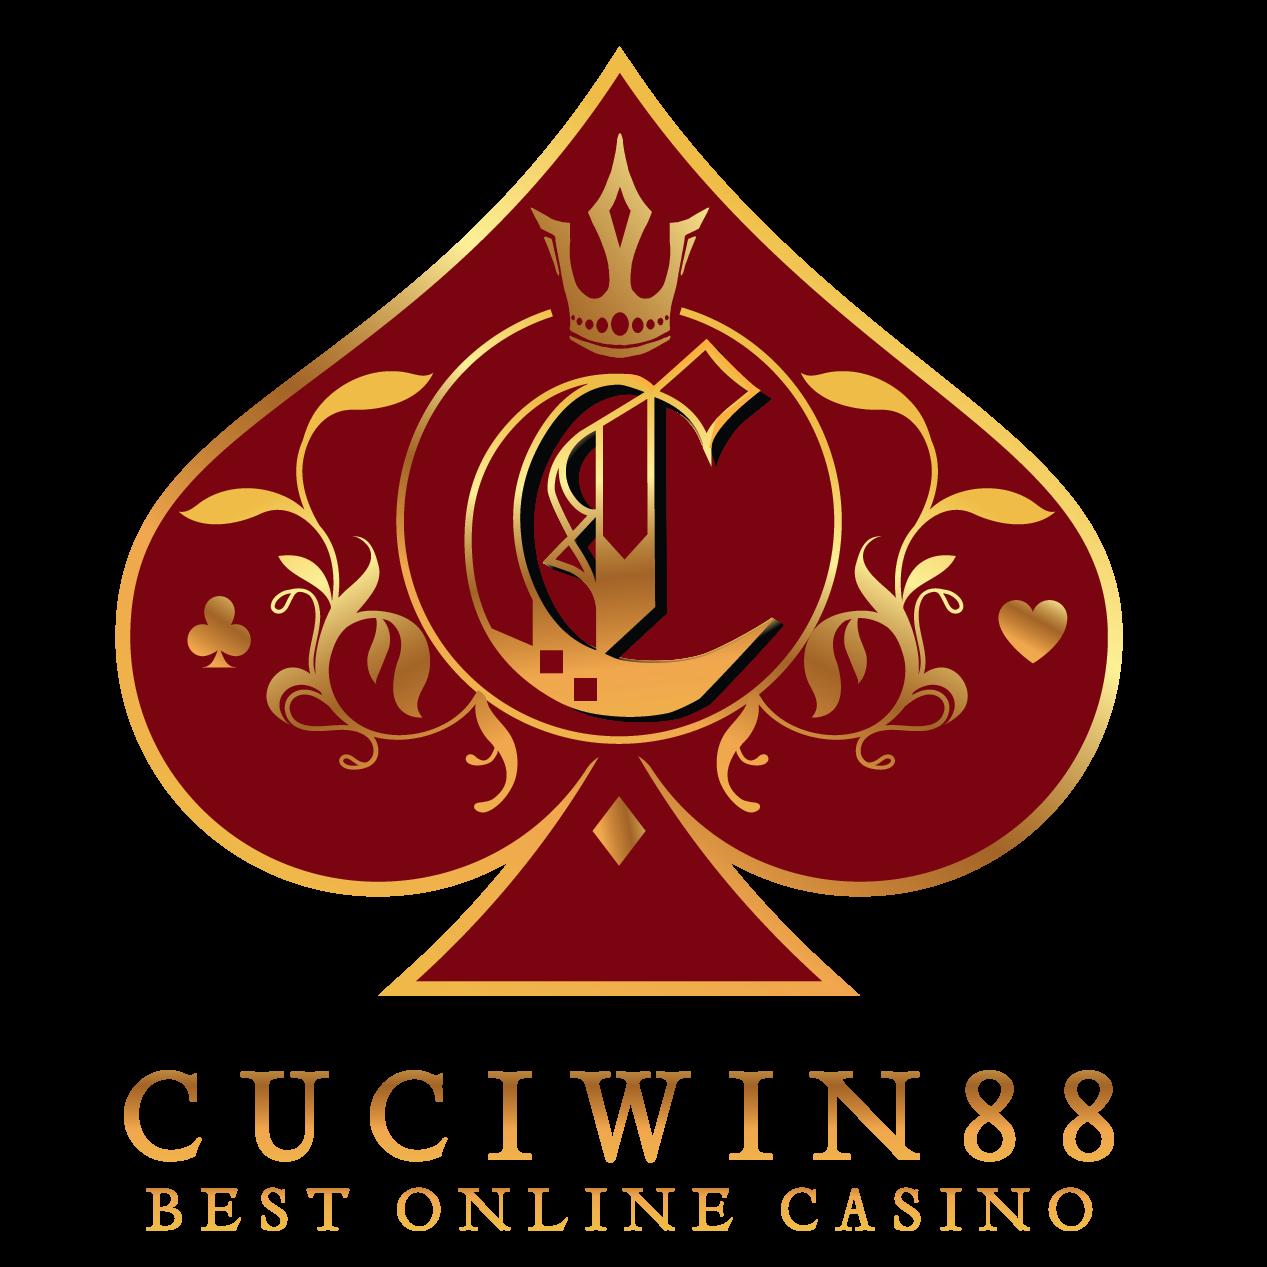 Bovada online casino no deposit bonus codes, Tragaperras nuevas